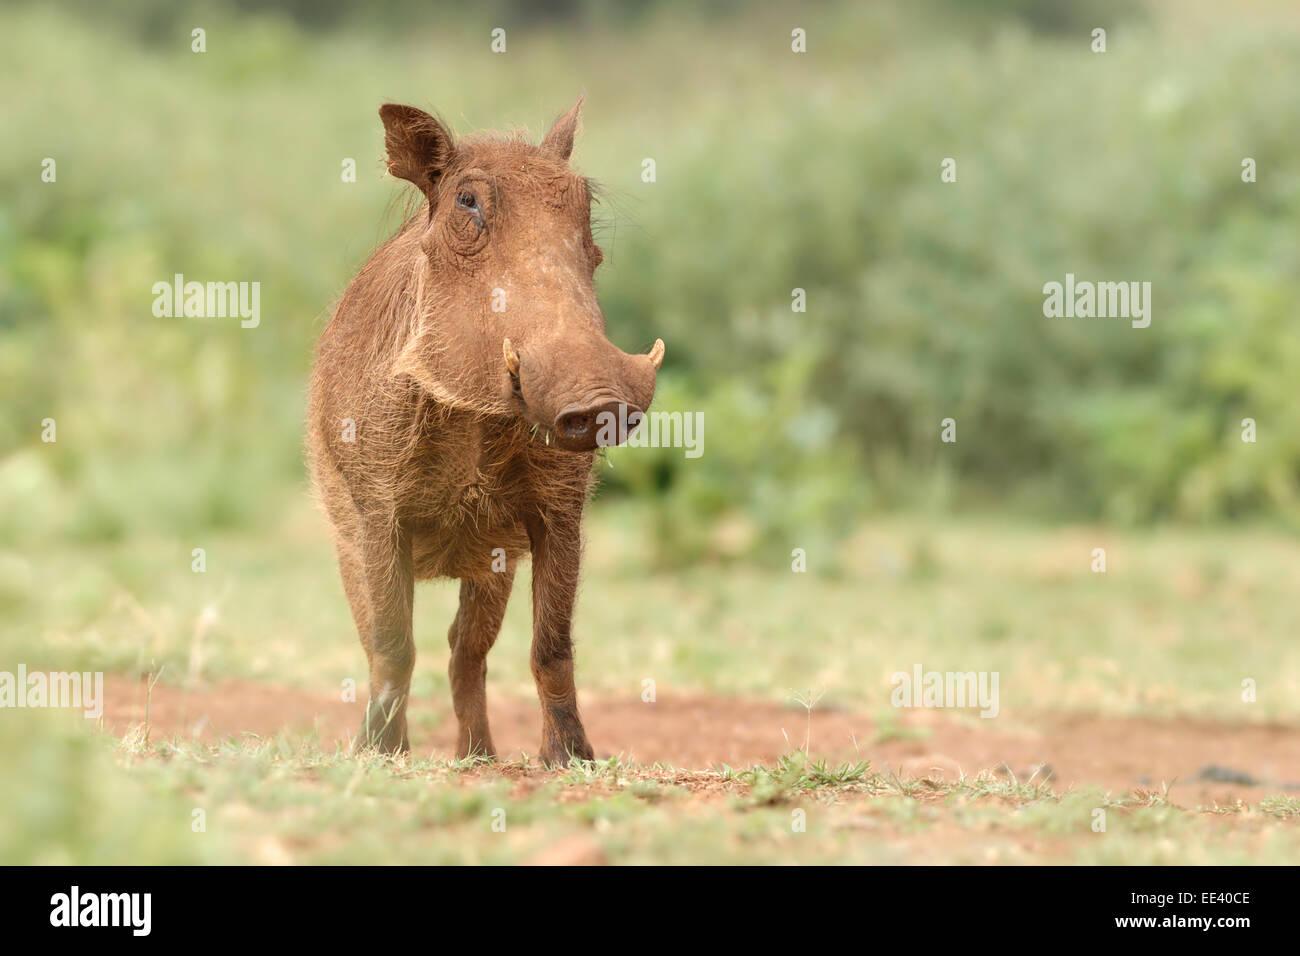 warthog [Phacochoerus africanus] - Stock Image